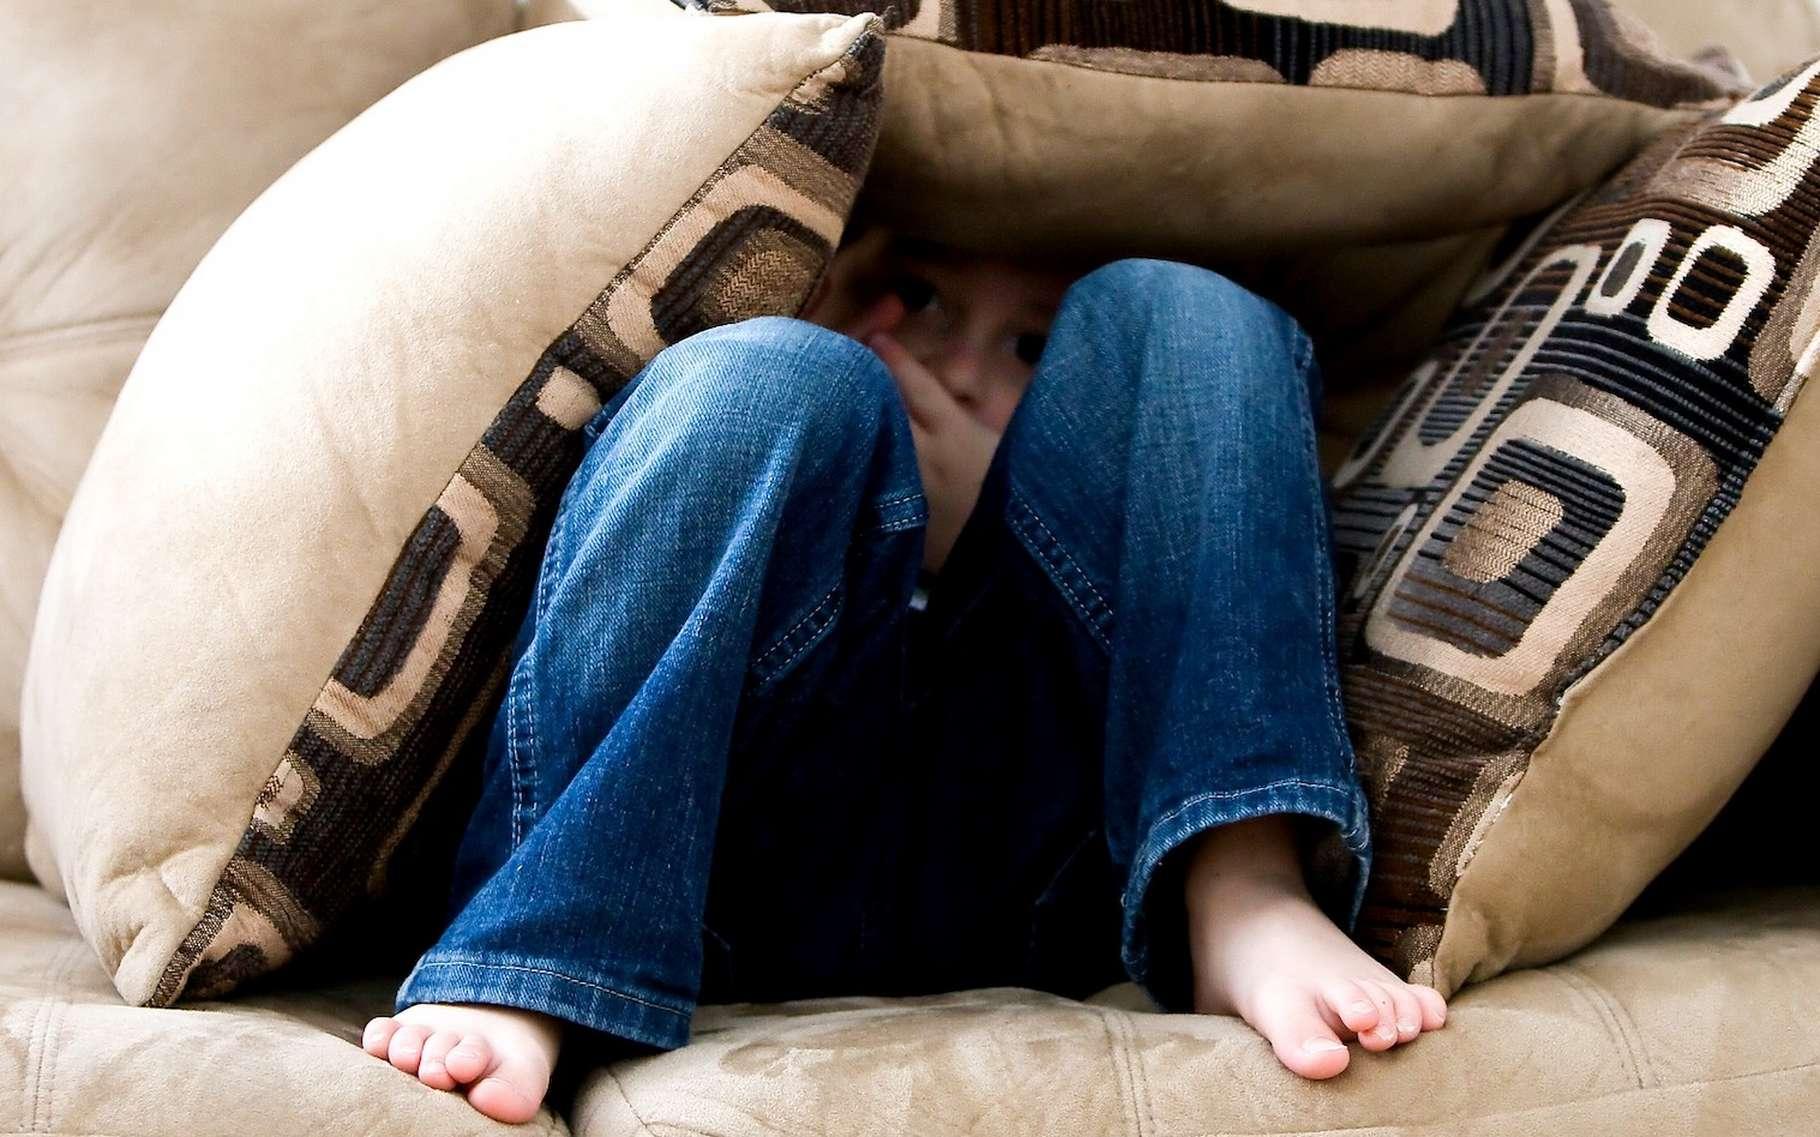 Des chercheurs ont trouvé des traces de peur dans l'hypothalamus. © ambermb, Pixabay License